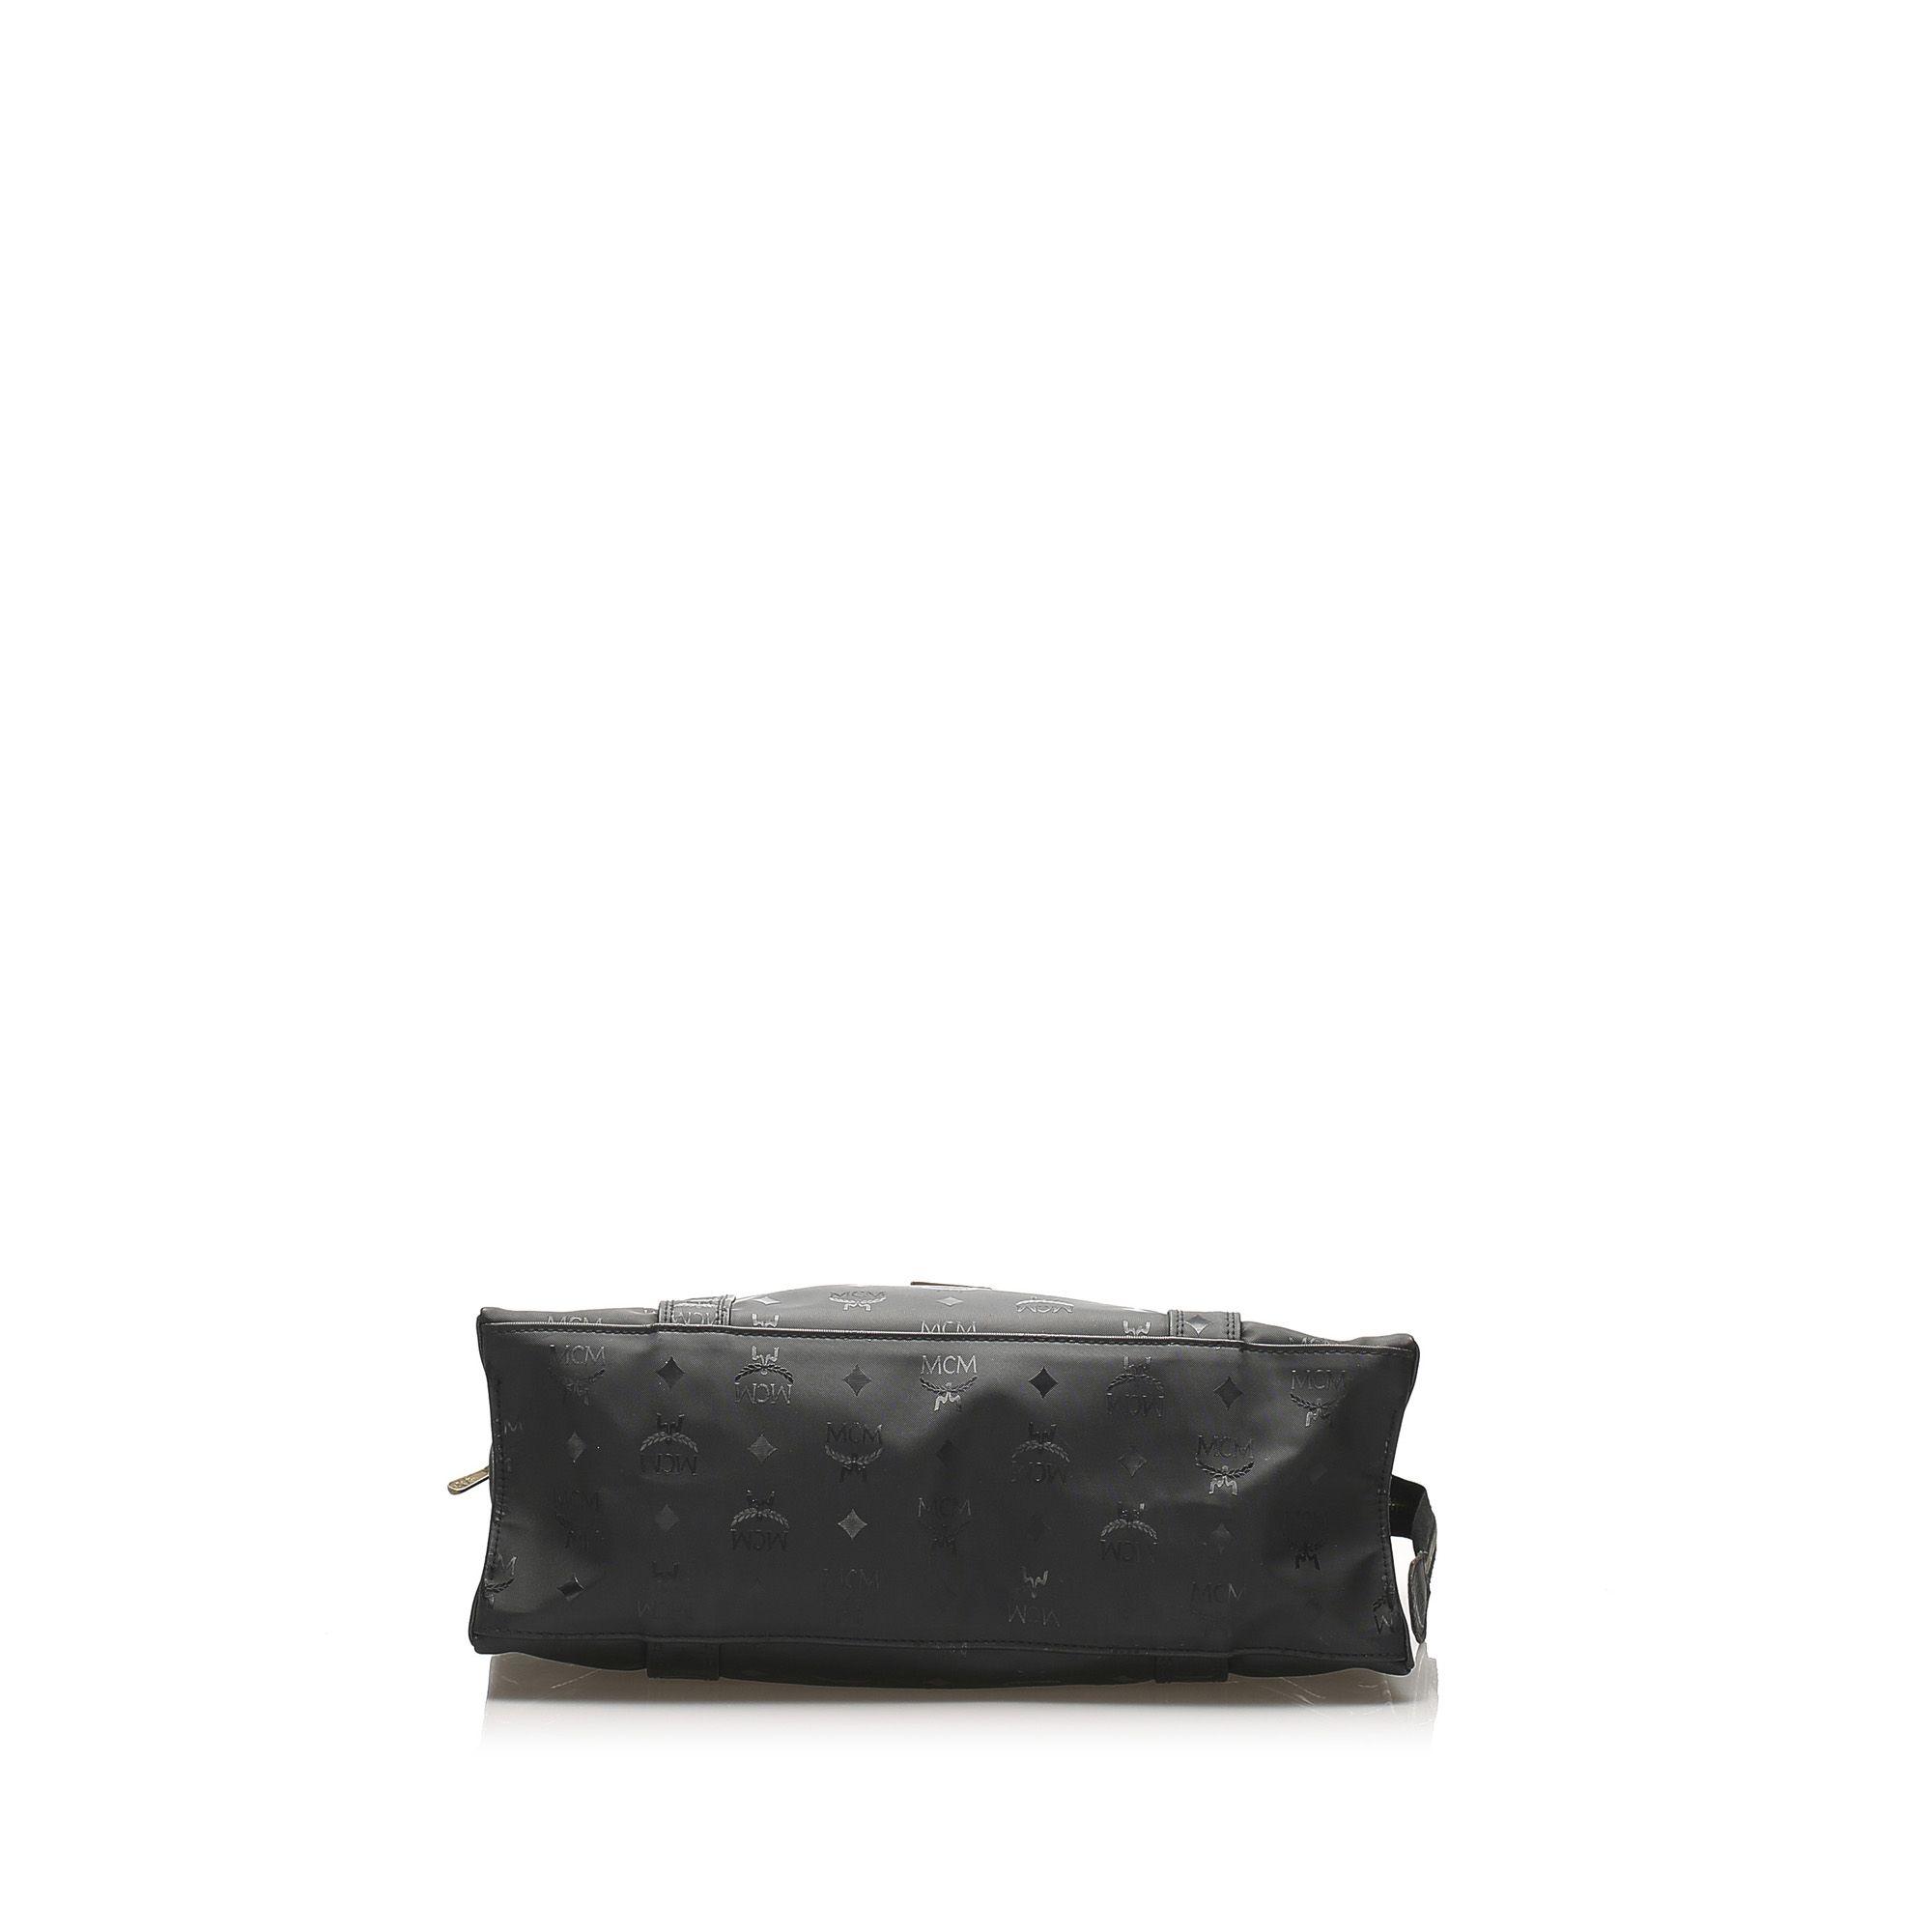 Vintage MCM Visetos Shoulder Bag Black